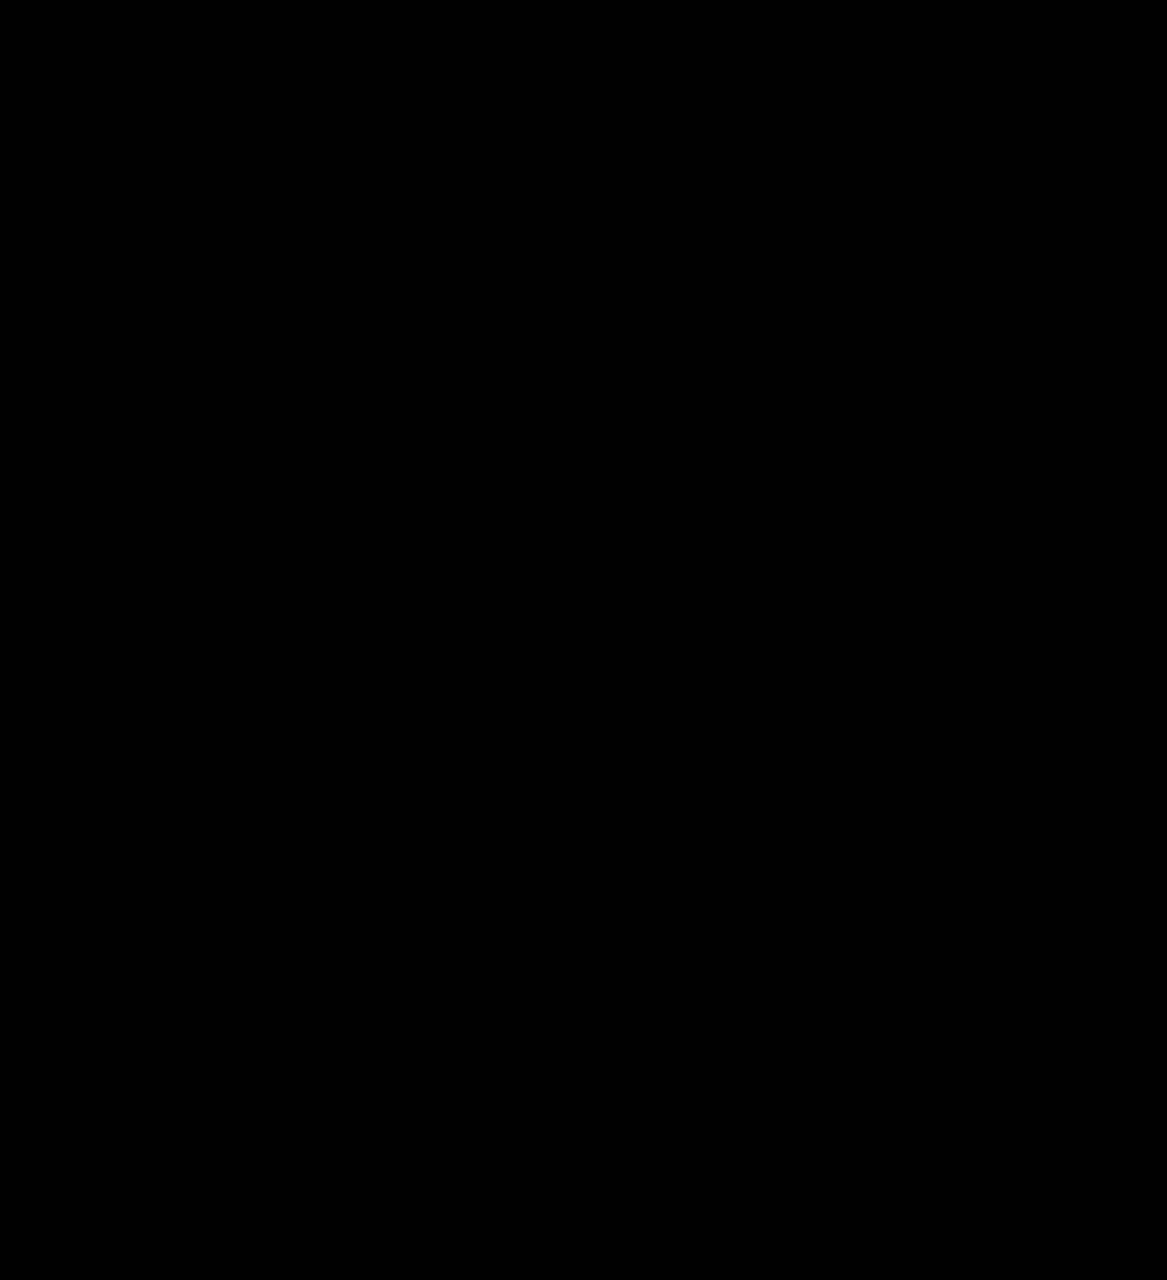 Immagini Di Teschio Pirati cranio pirata teschio di morte - grafica vettoriale gratuita